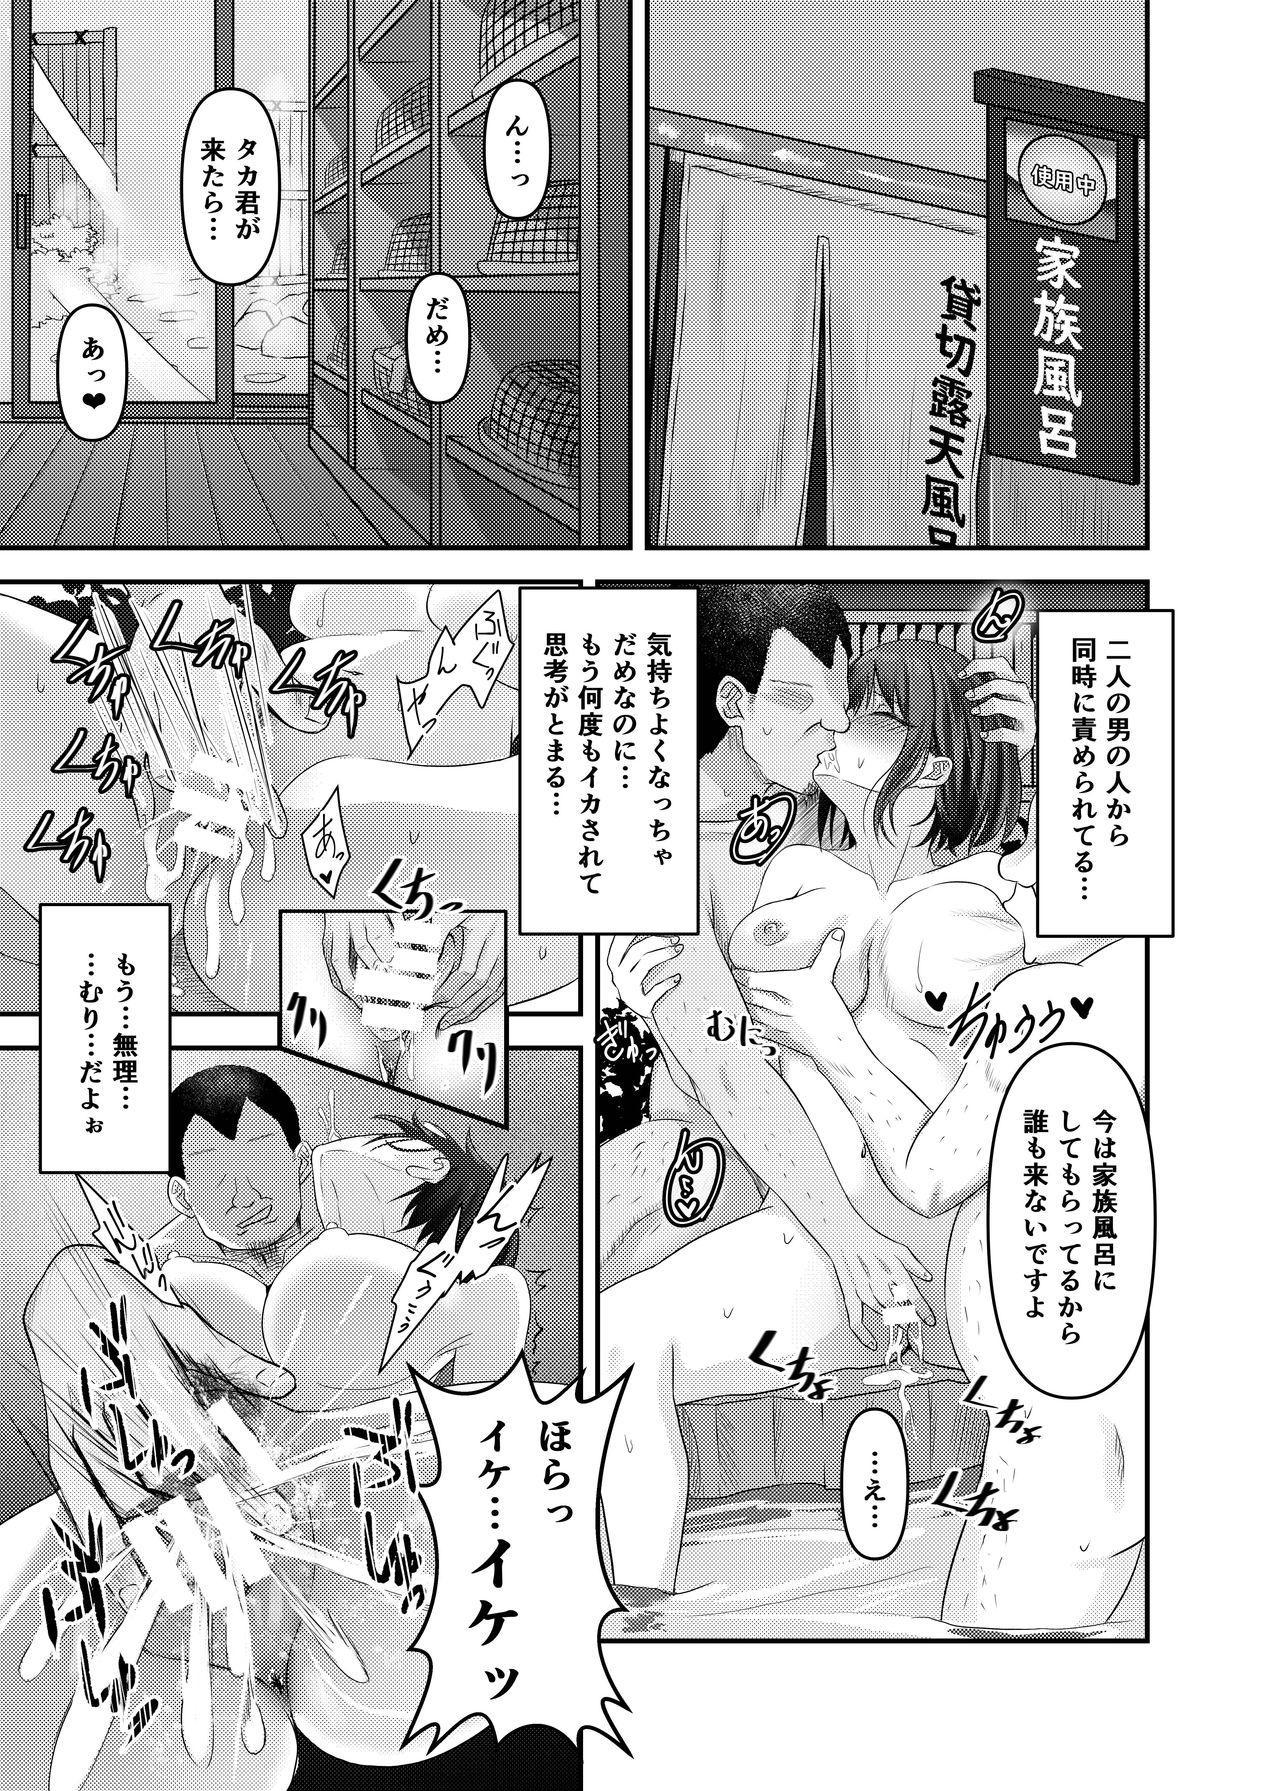 Hitozuma Shiori ga Onsen Ryokou de NTRta Hi 18